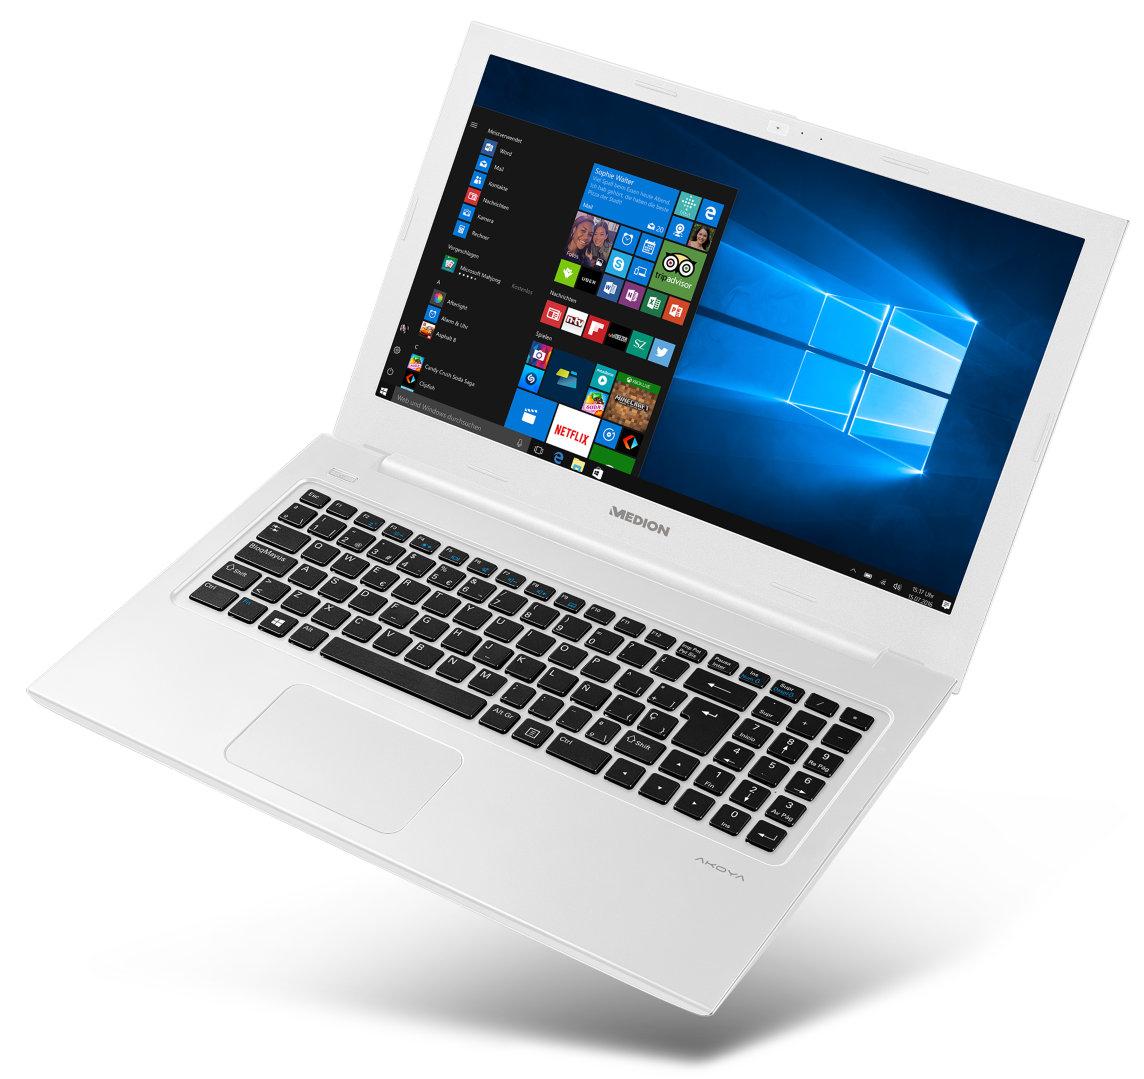 Medion S6421 mit Core i5-6200U, 8GB RAM, 512GB SSD, 15,6 Zoll Full-HD IPS matt, Win 10, 1,9kg für 619€ bei Medion